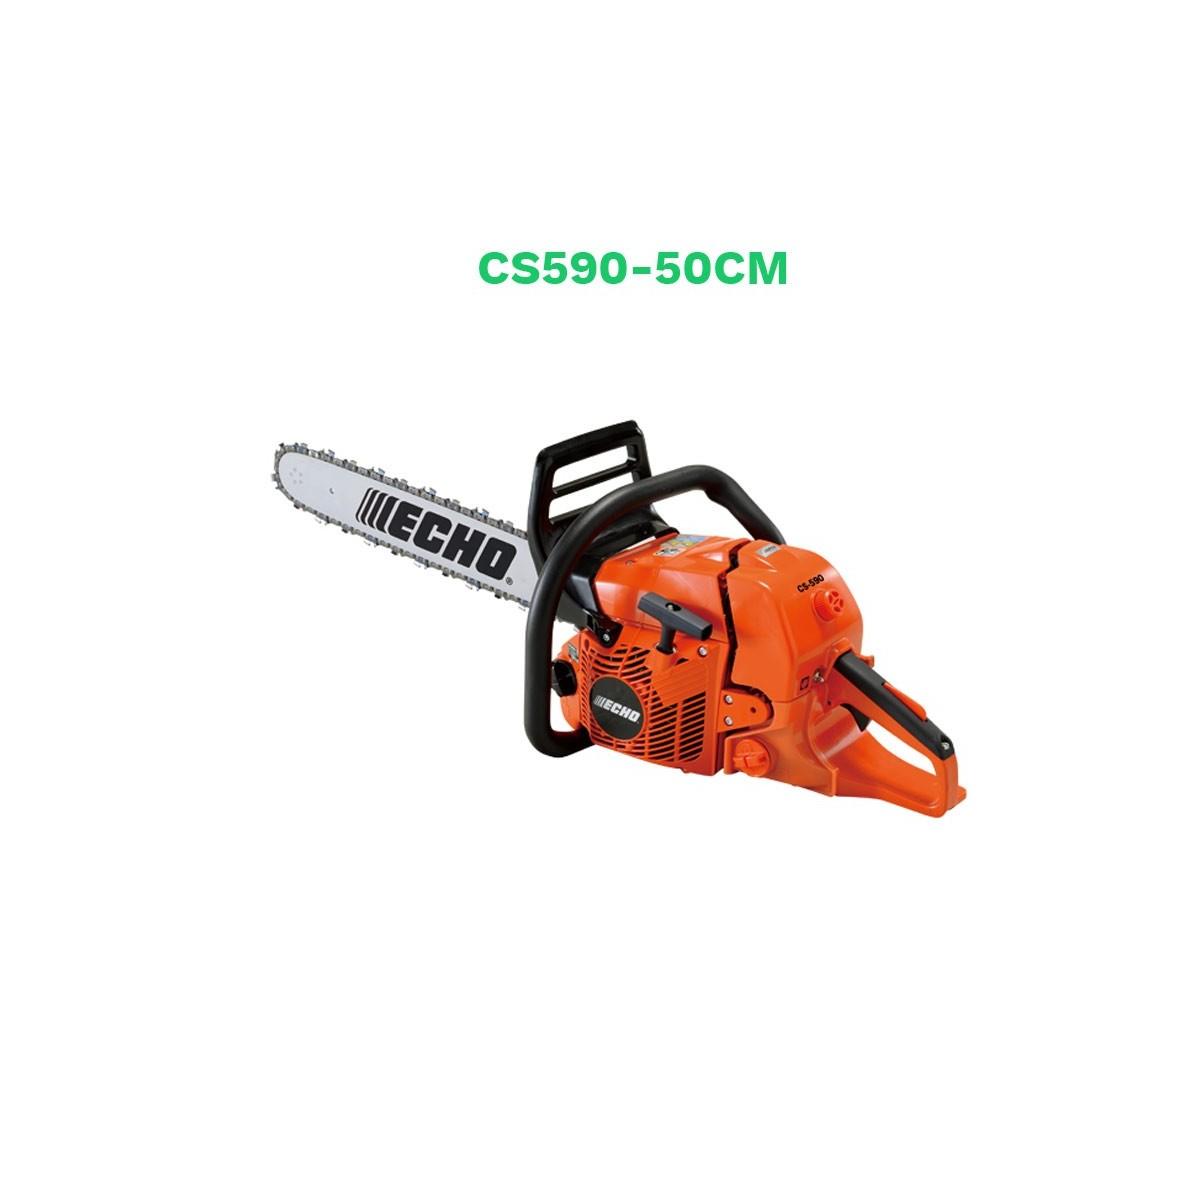 """Echo motosierra cs590-50cm-3/8"""""""